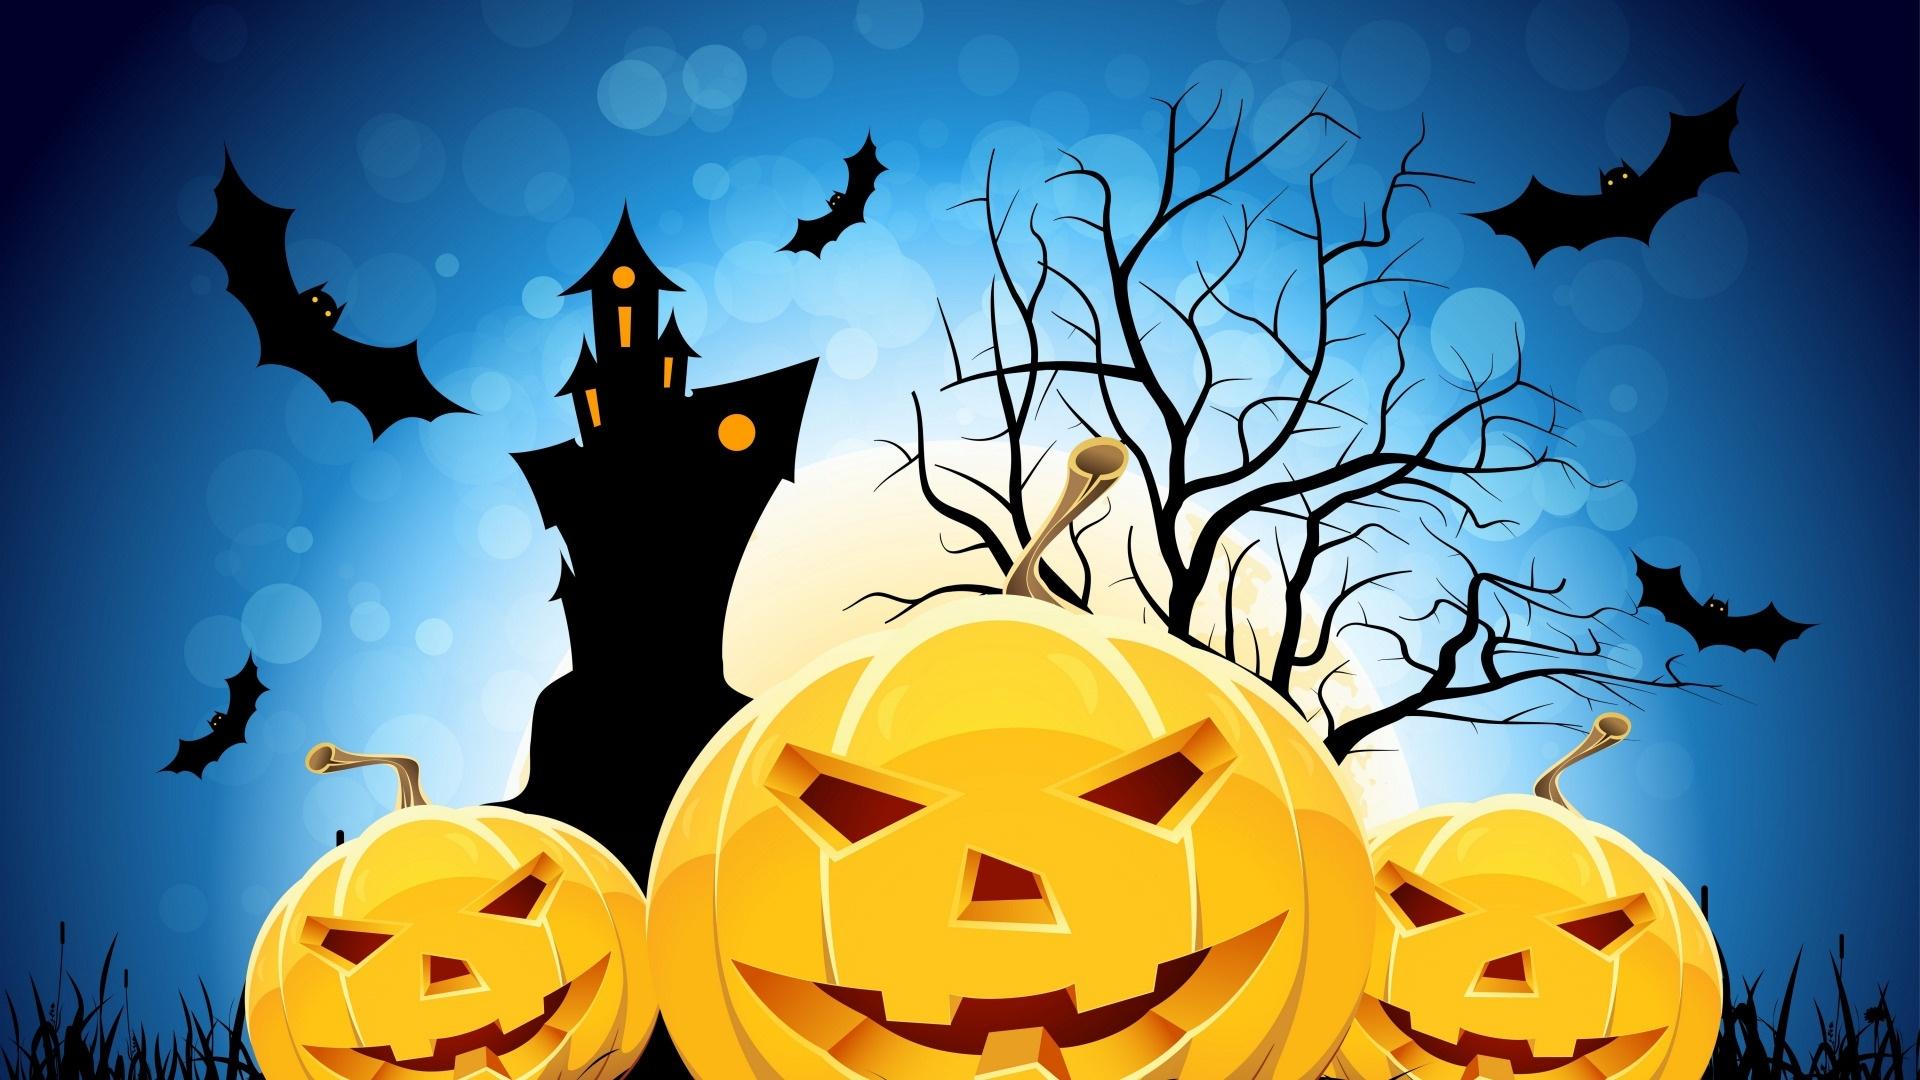 Halloween Pumpkin Wallpaper theme